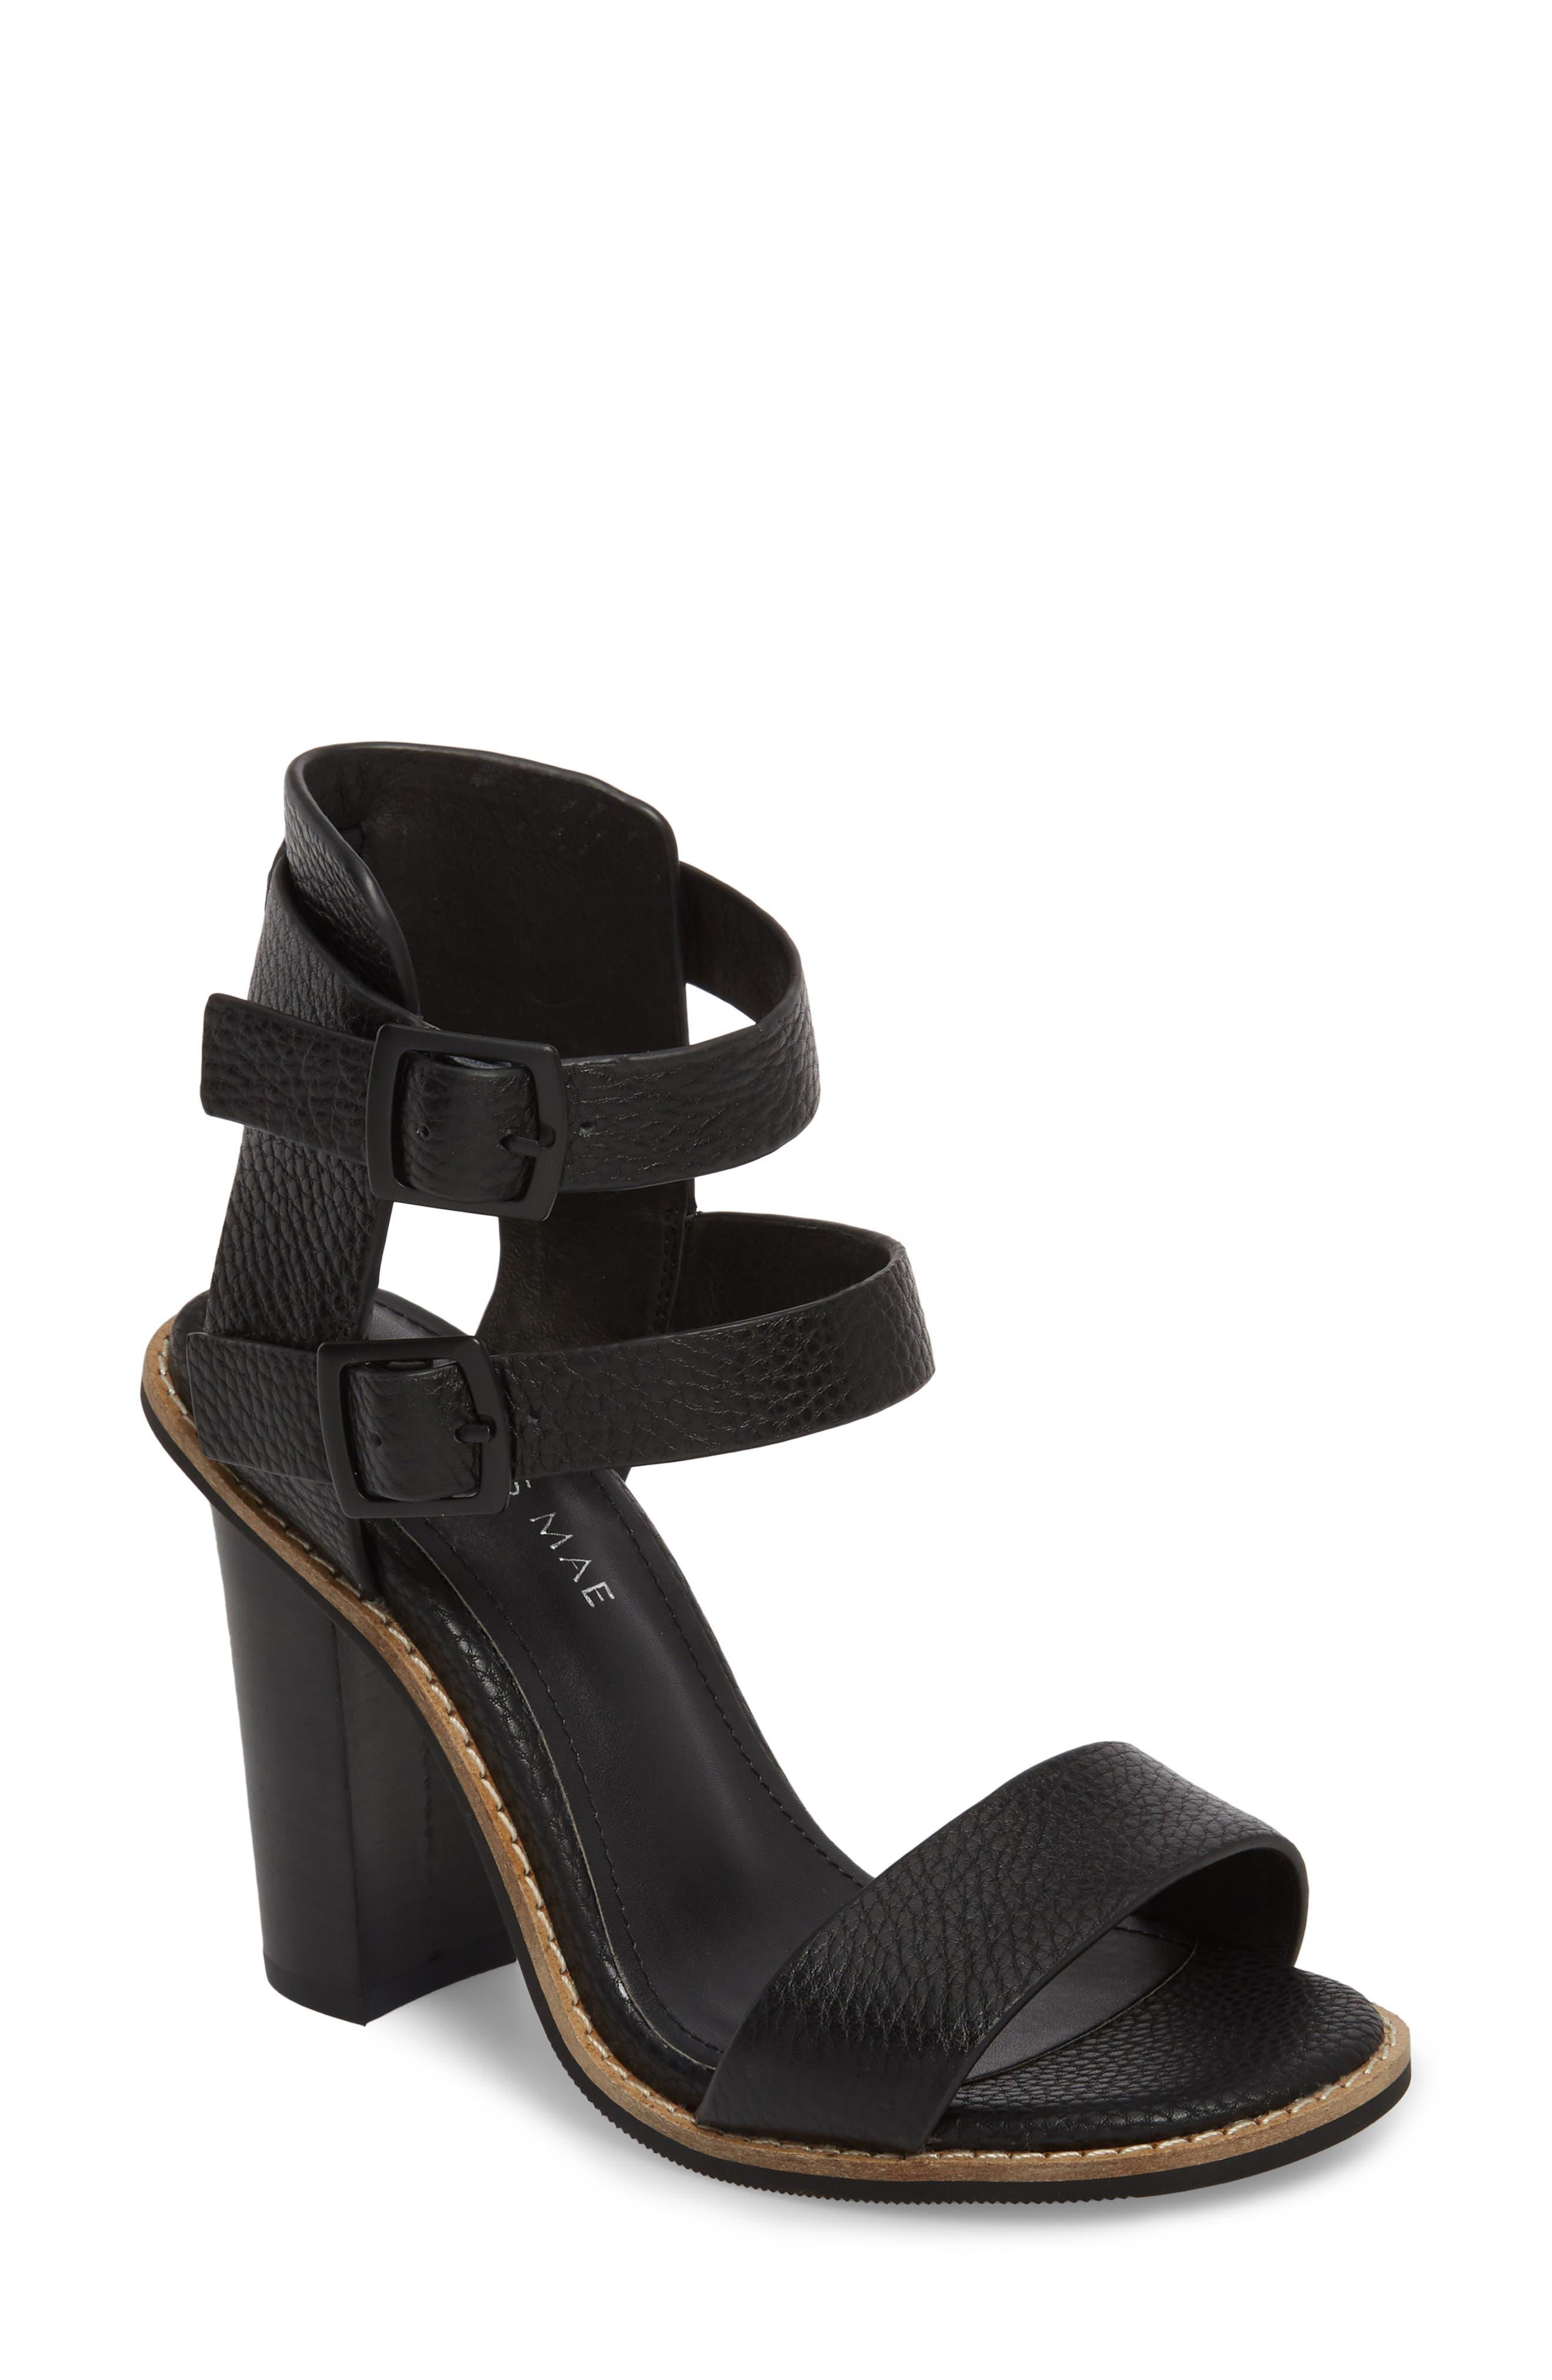 Casper Tall Sandal,                             Main thumbnail 1, color,                             Black Leather